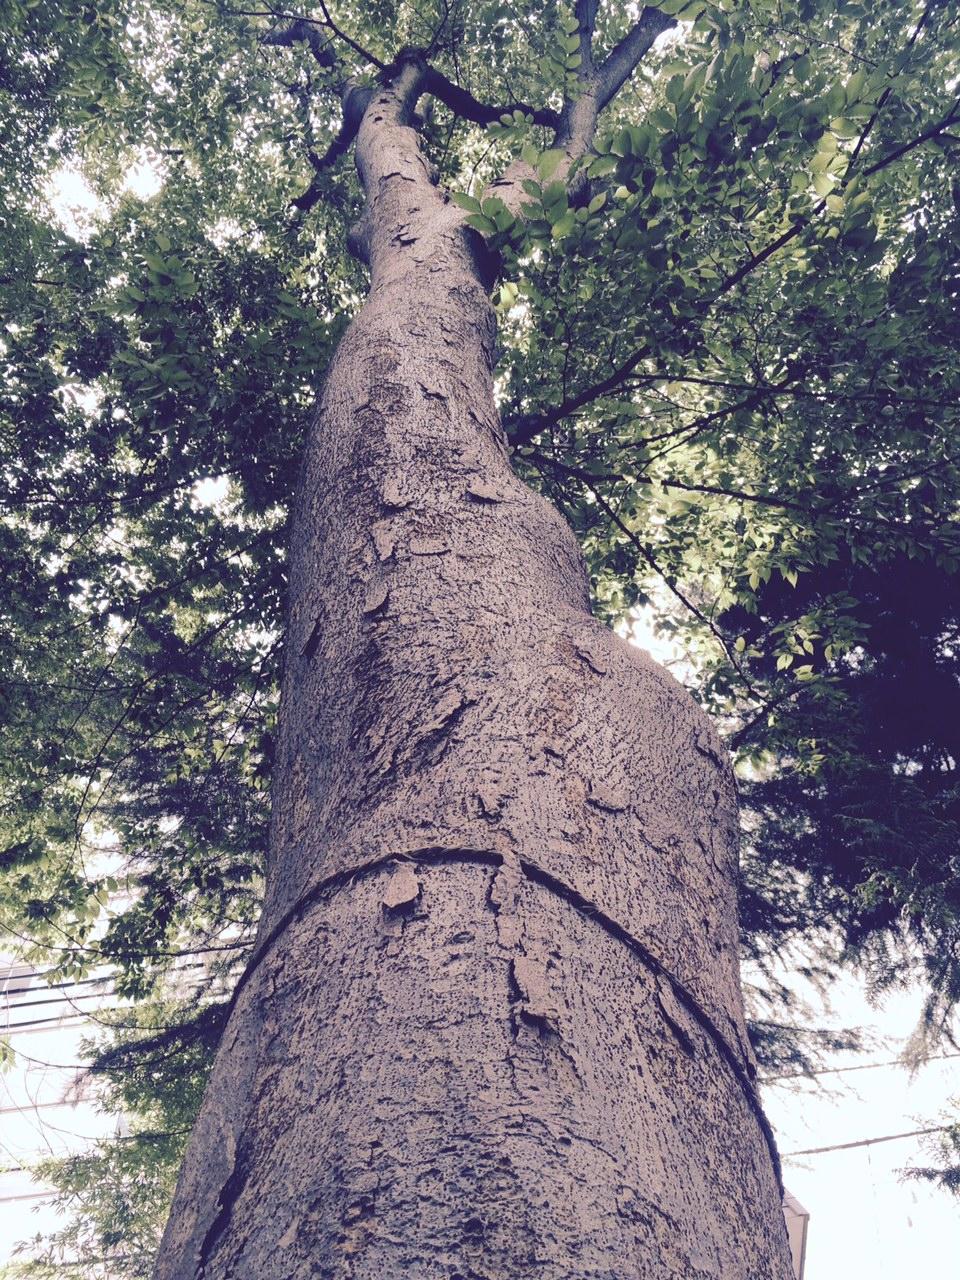 arbre sacre aomori